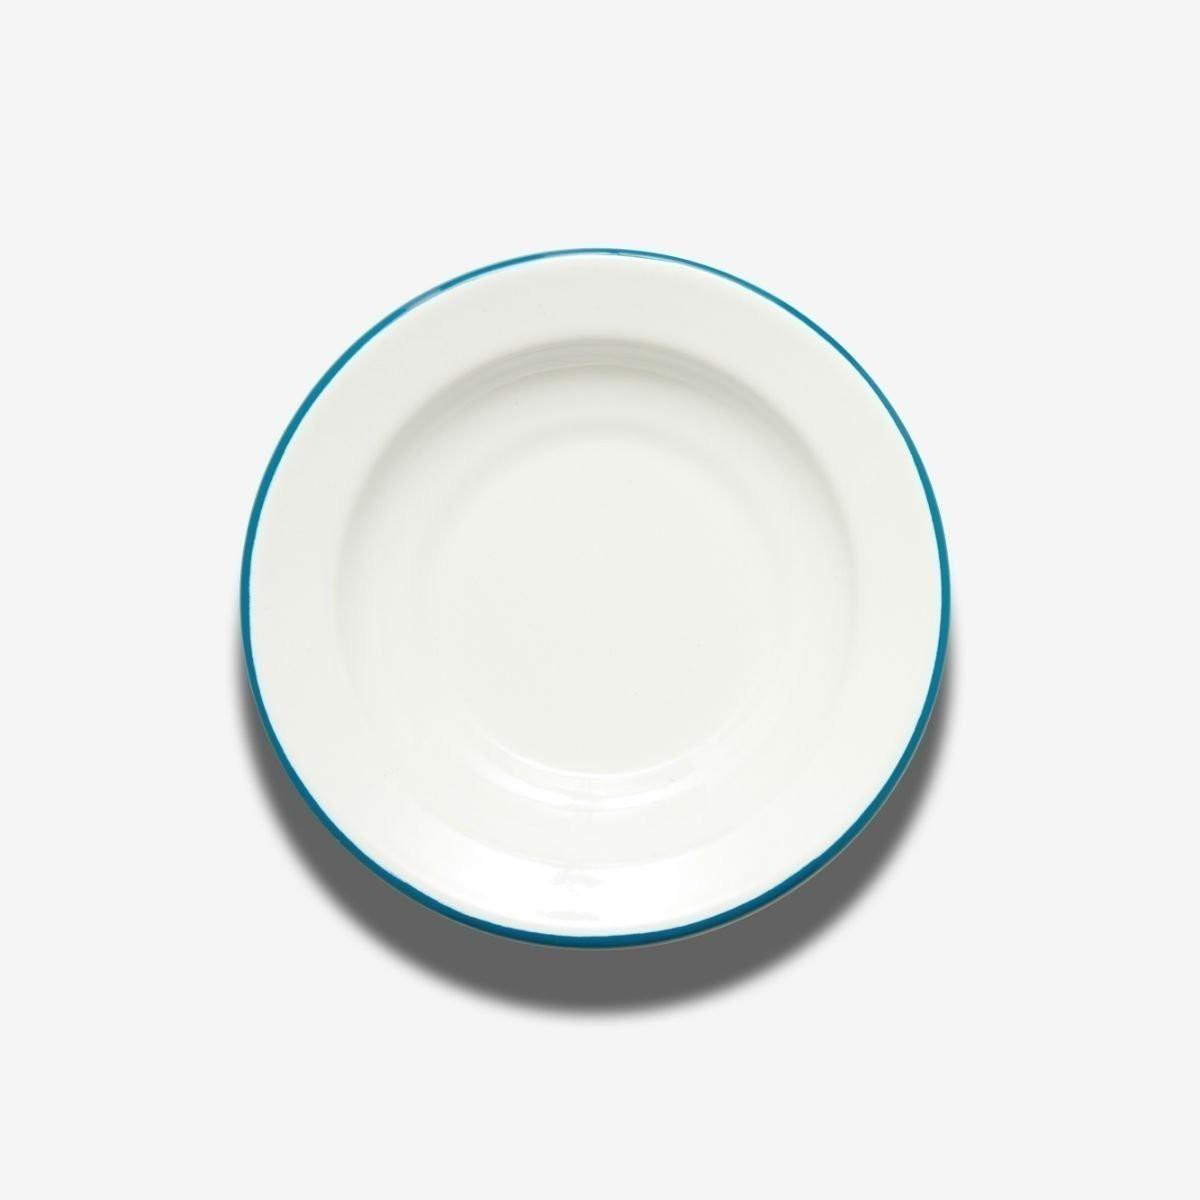 Hluboký talíř s modrou obrubou